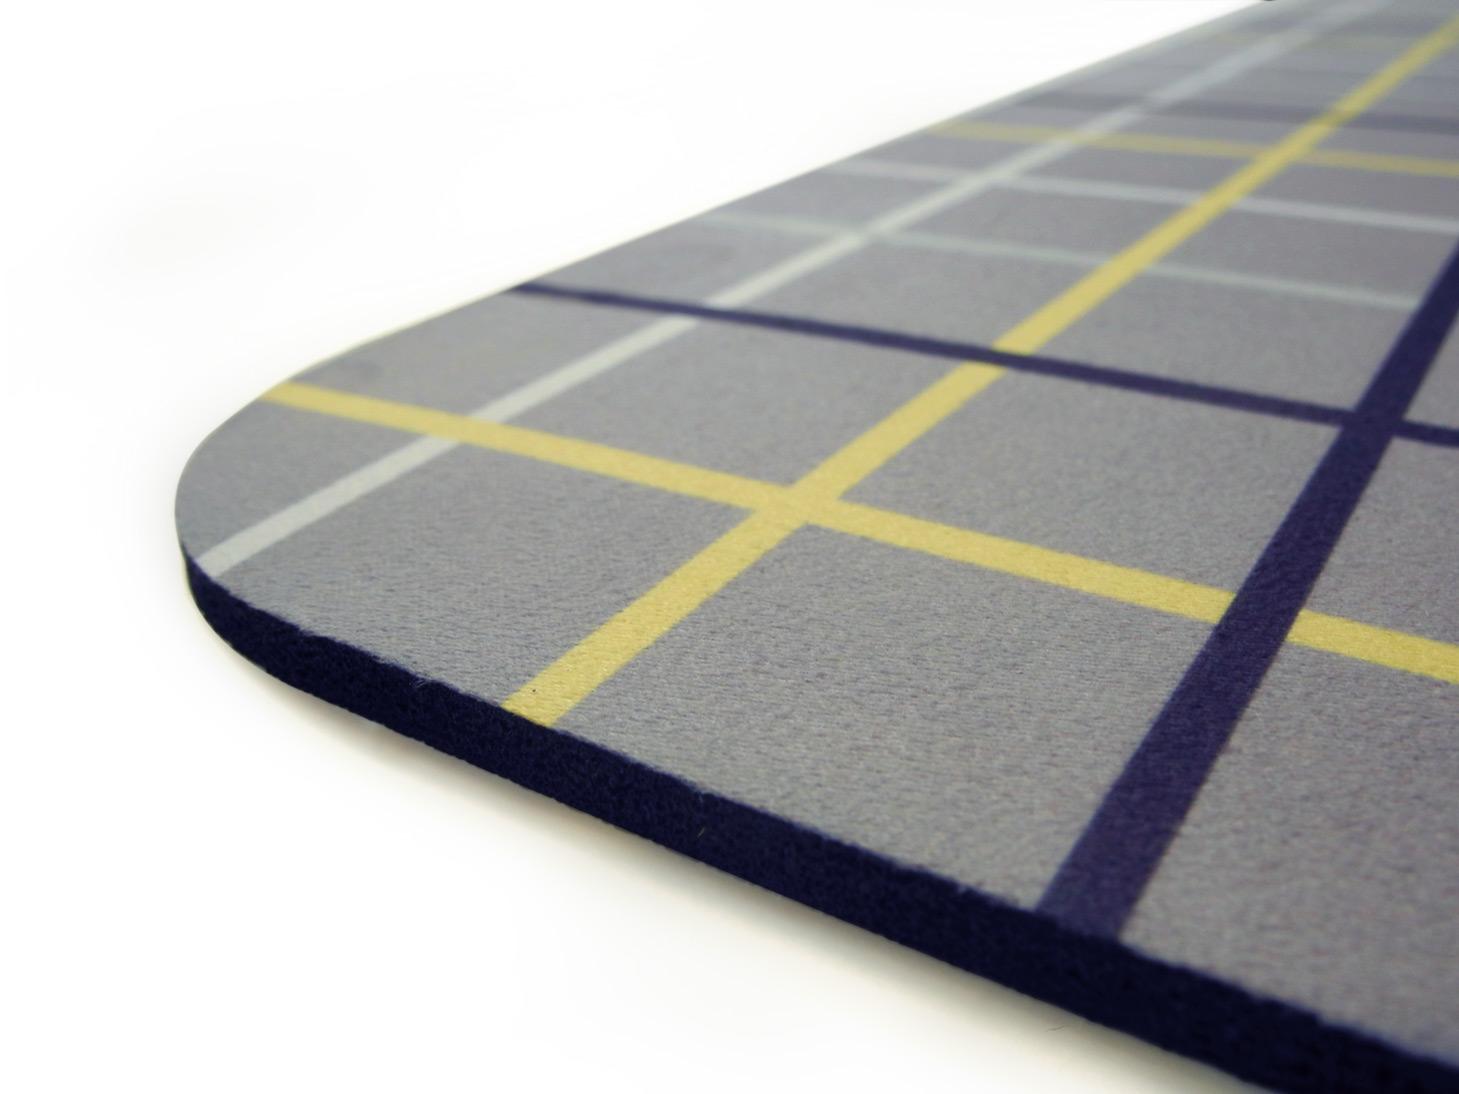 symmetry-mats-materials-top.jpg